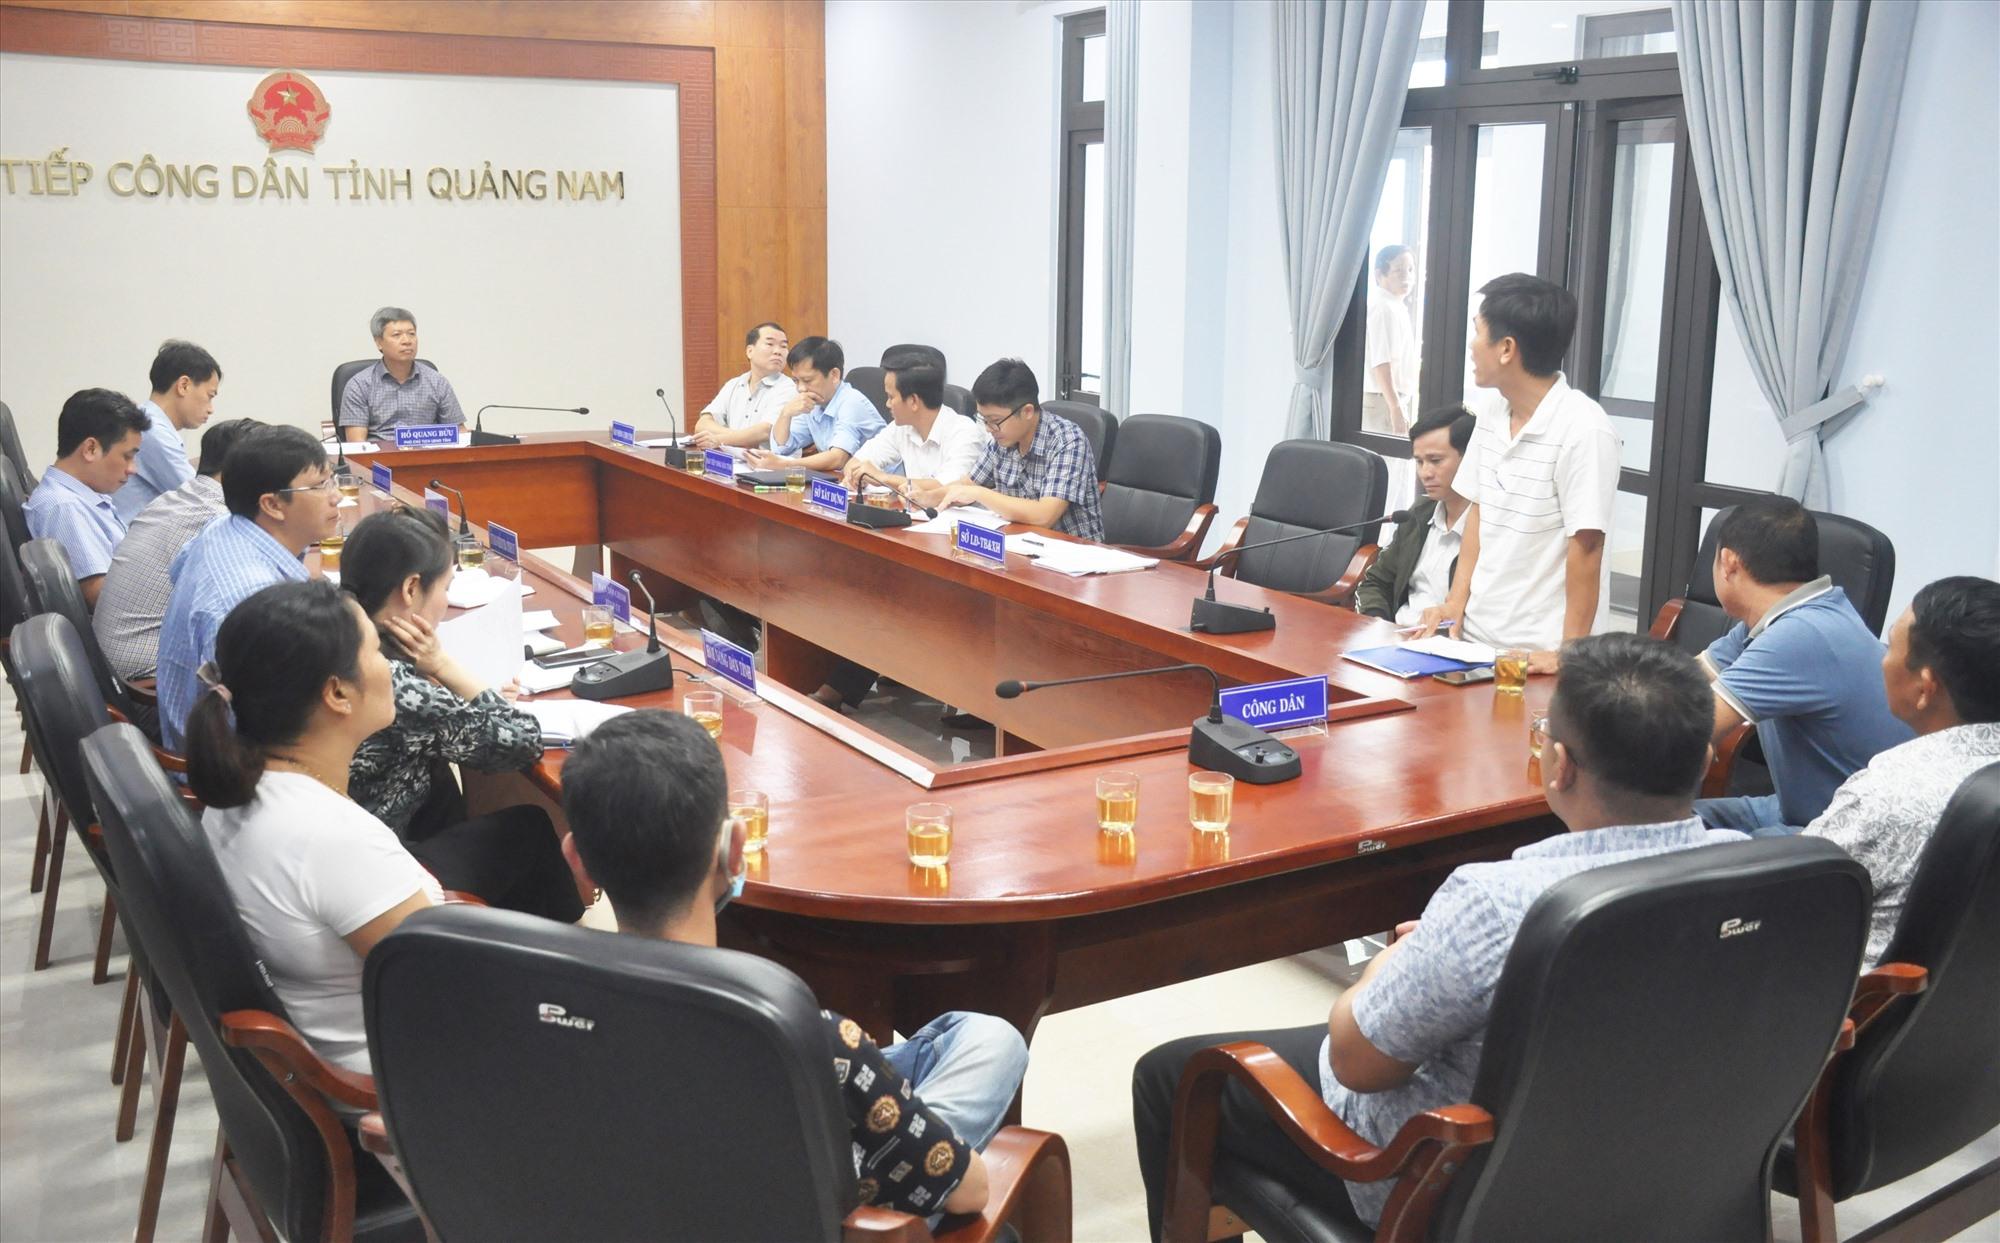 Phó Chủ tịch UBND tỉnh Hồ Quang Bửu tiếp các hộ mua đất nền dự án An Cư 1 của chủ đầu tư Bách Đạt An sáng nay 24.11. Ảnh: N.Đ